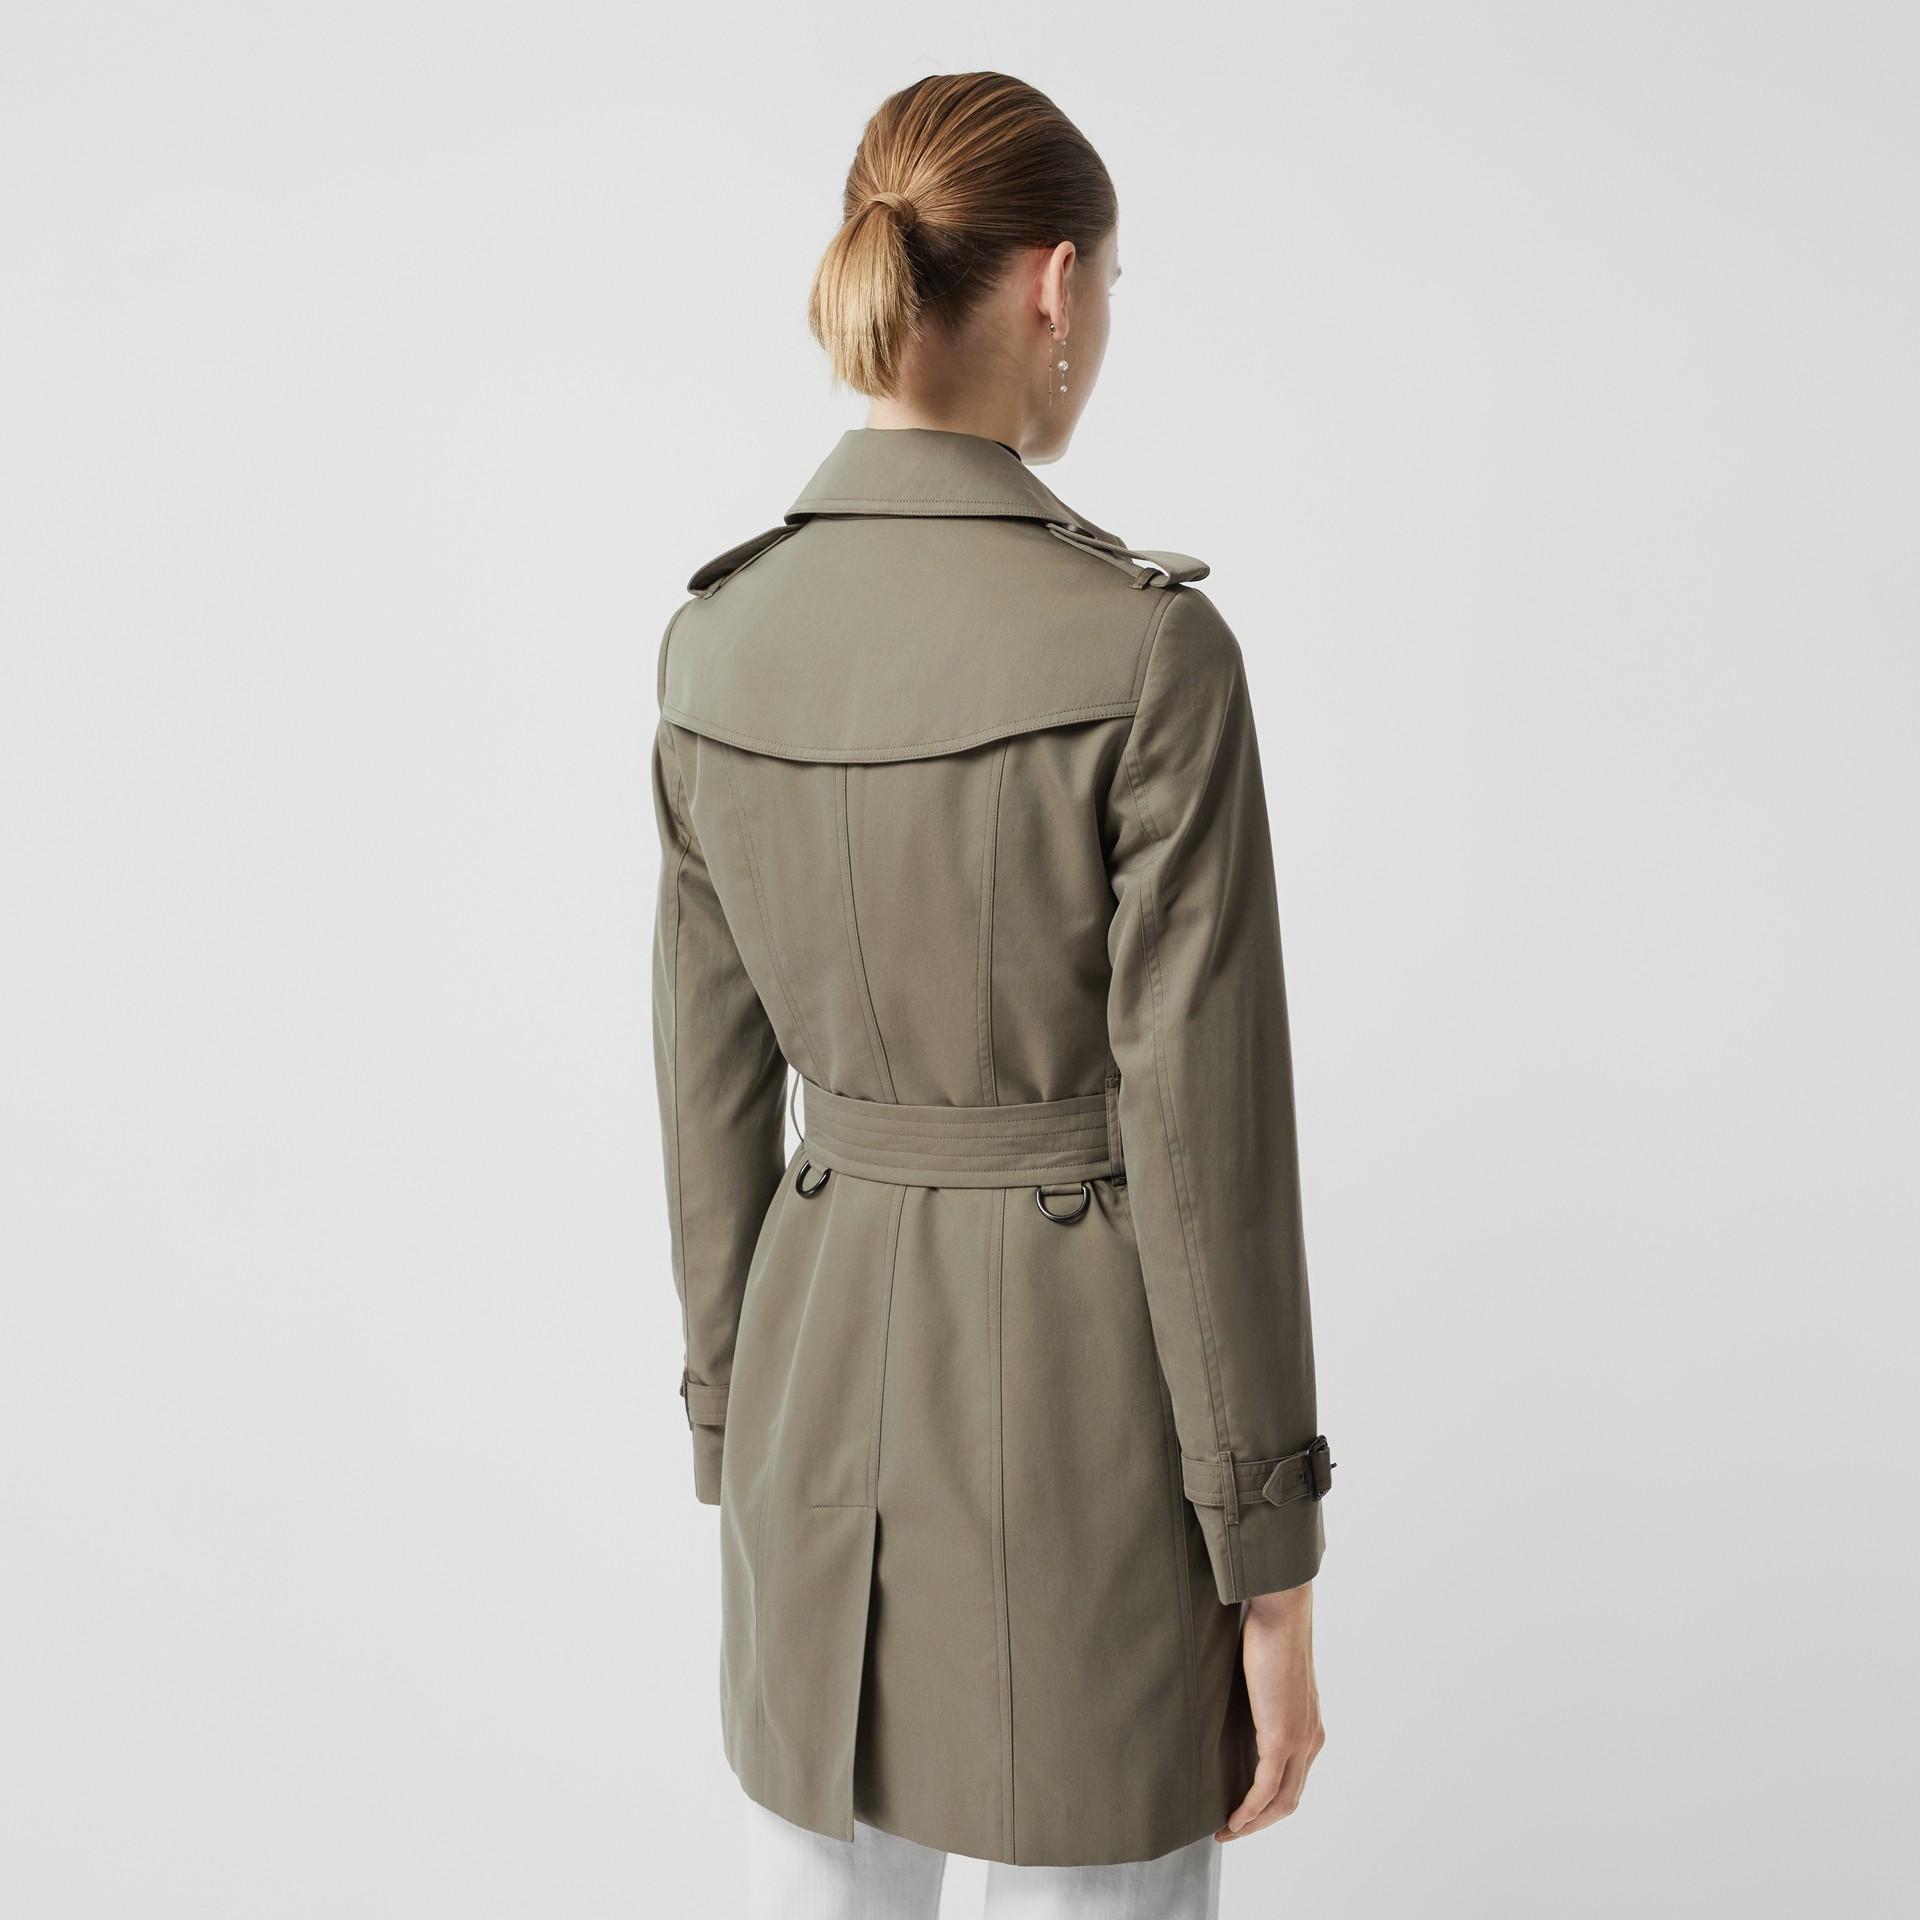 Тренч Sandringham из габардина (Зеленый Мел) - Для женщин | Burberry - изображение 2